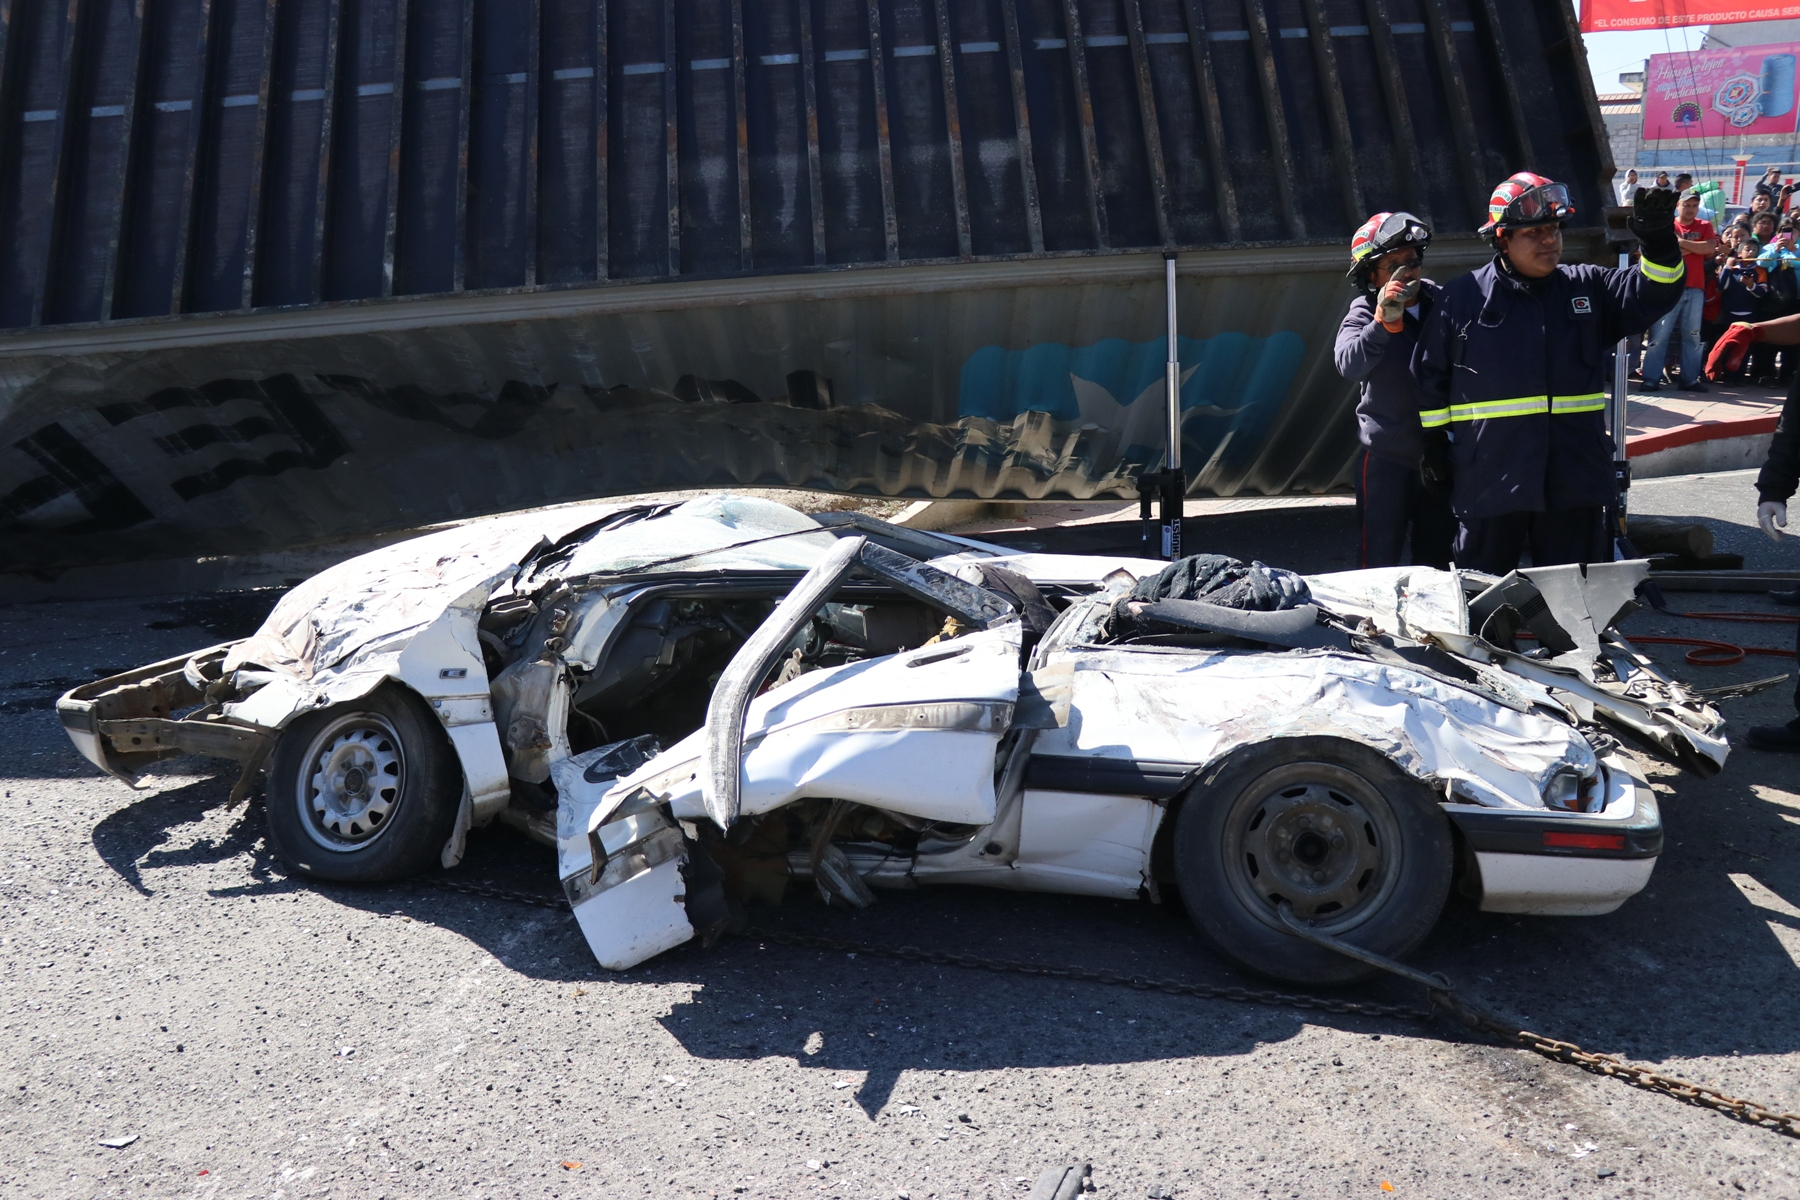 Esta fue la escena que se observó el día de los hechos en la Autopista los Altos. (Foto Prensa Libre: María Longo)